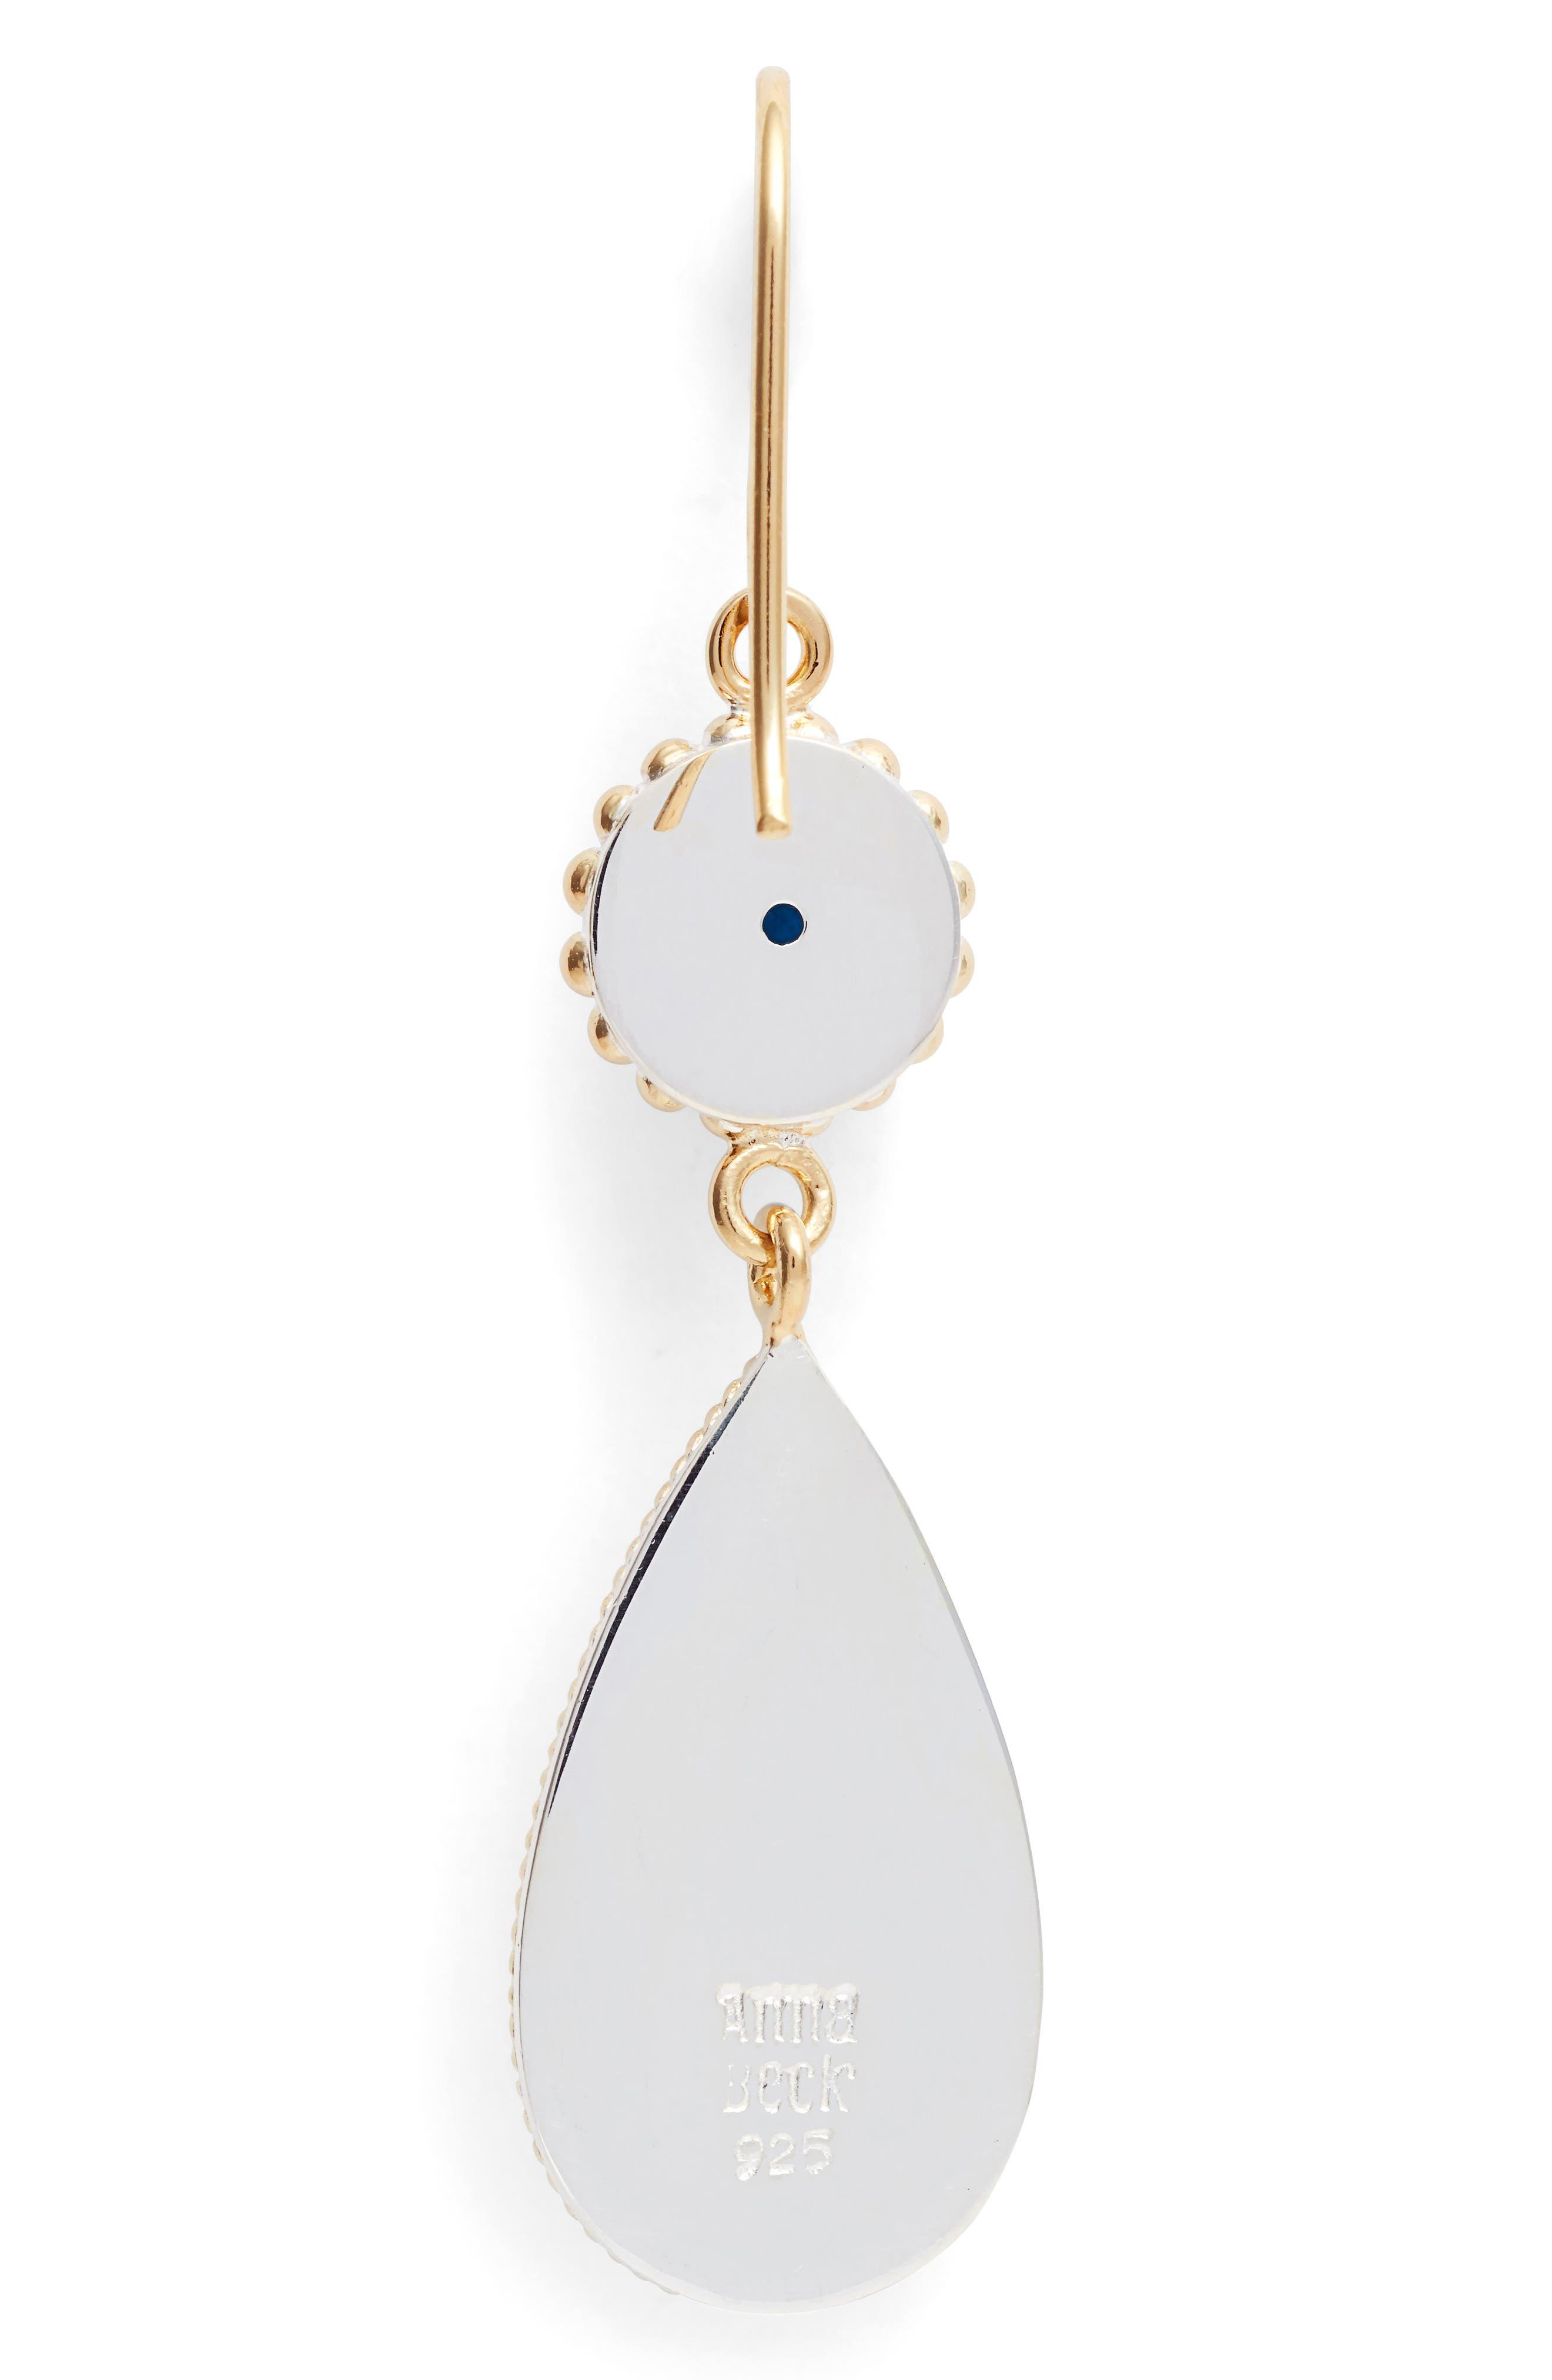 Blue Quartz Double Drop Earrings,                             Alternate thumbnail 3, color,                             Gold/ Blue Quartz